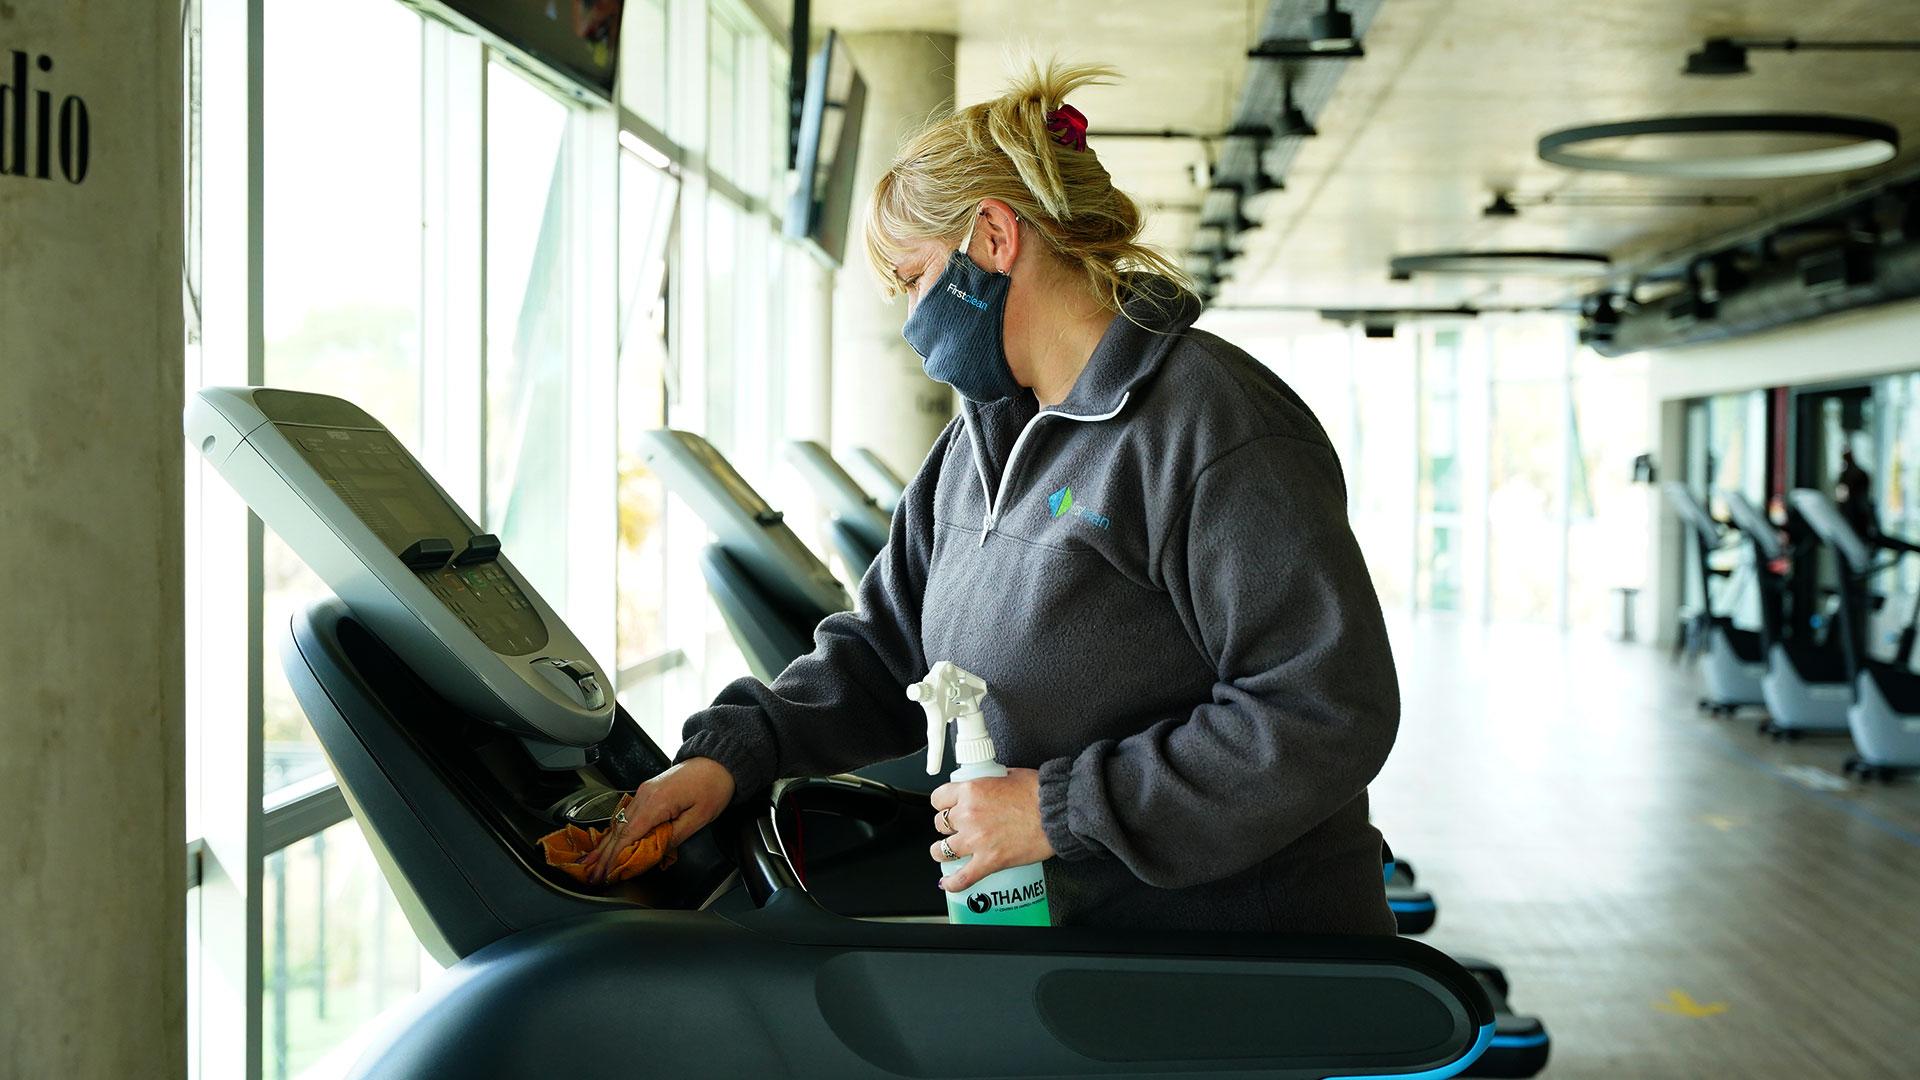 Cada 1.30 horas hay un receso de 20 minutos para desinfectar el gimnasio y los aparatos.